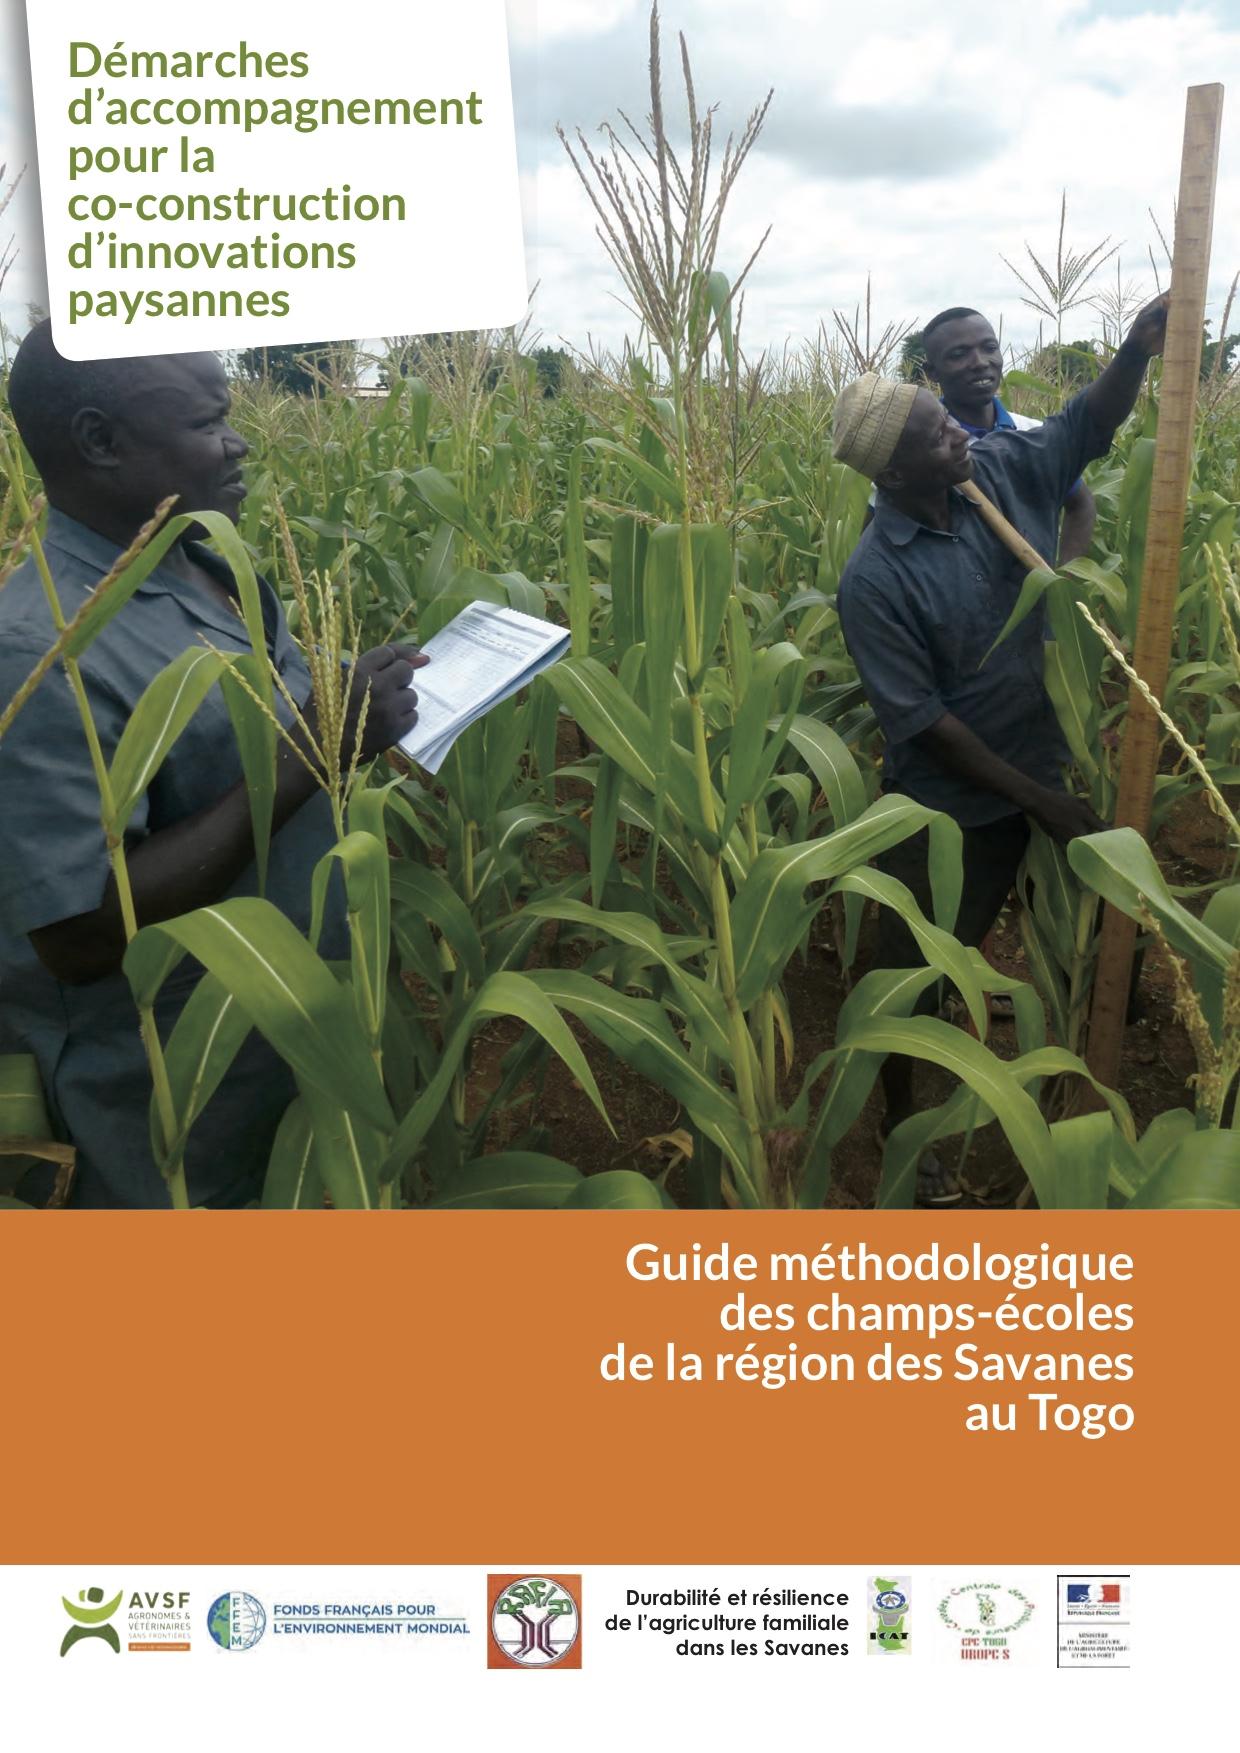 Guide méthodologique des champs-écoles de la région des Savanes au Togo Image principale